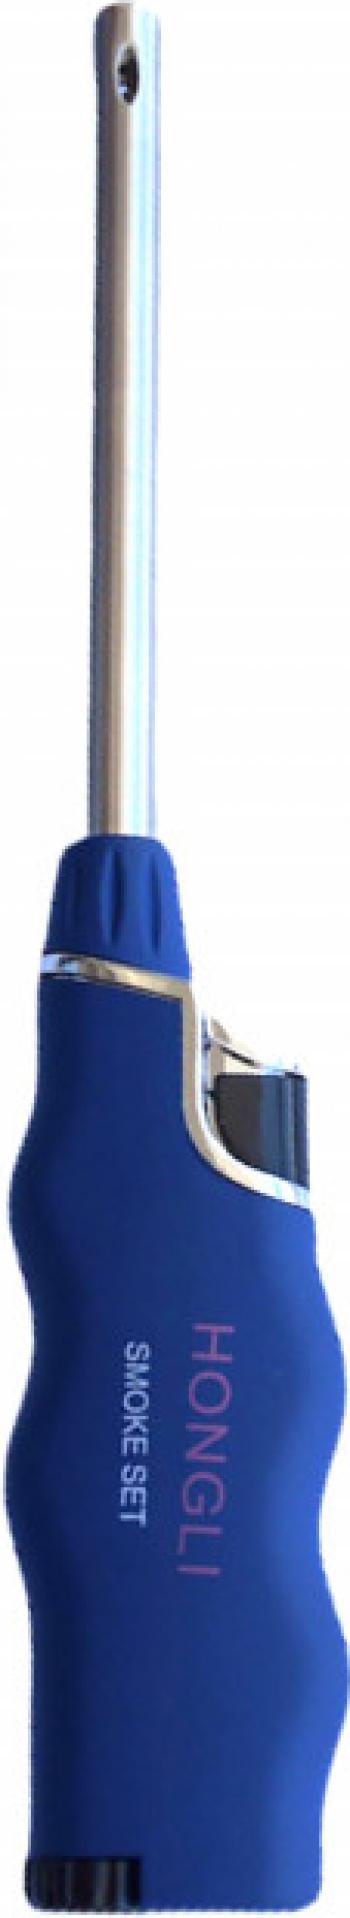 Aprinzator reglabil si reincarcabil pentru aragaz tip bricheta albastru Accesorii bucatarie